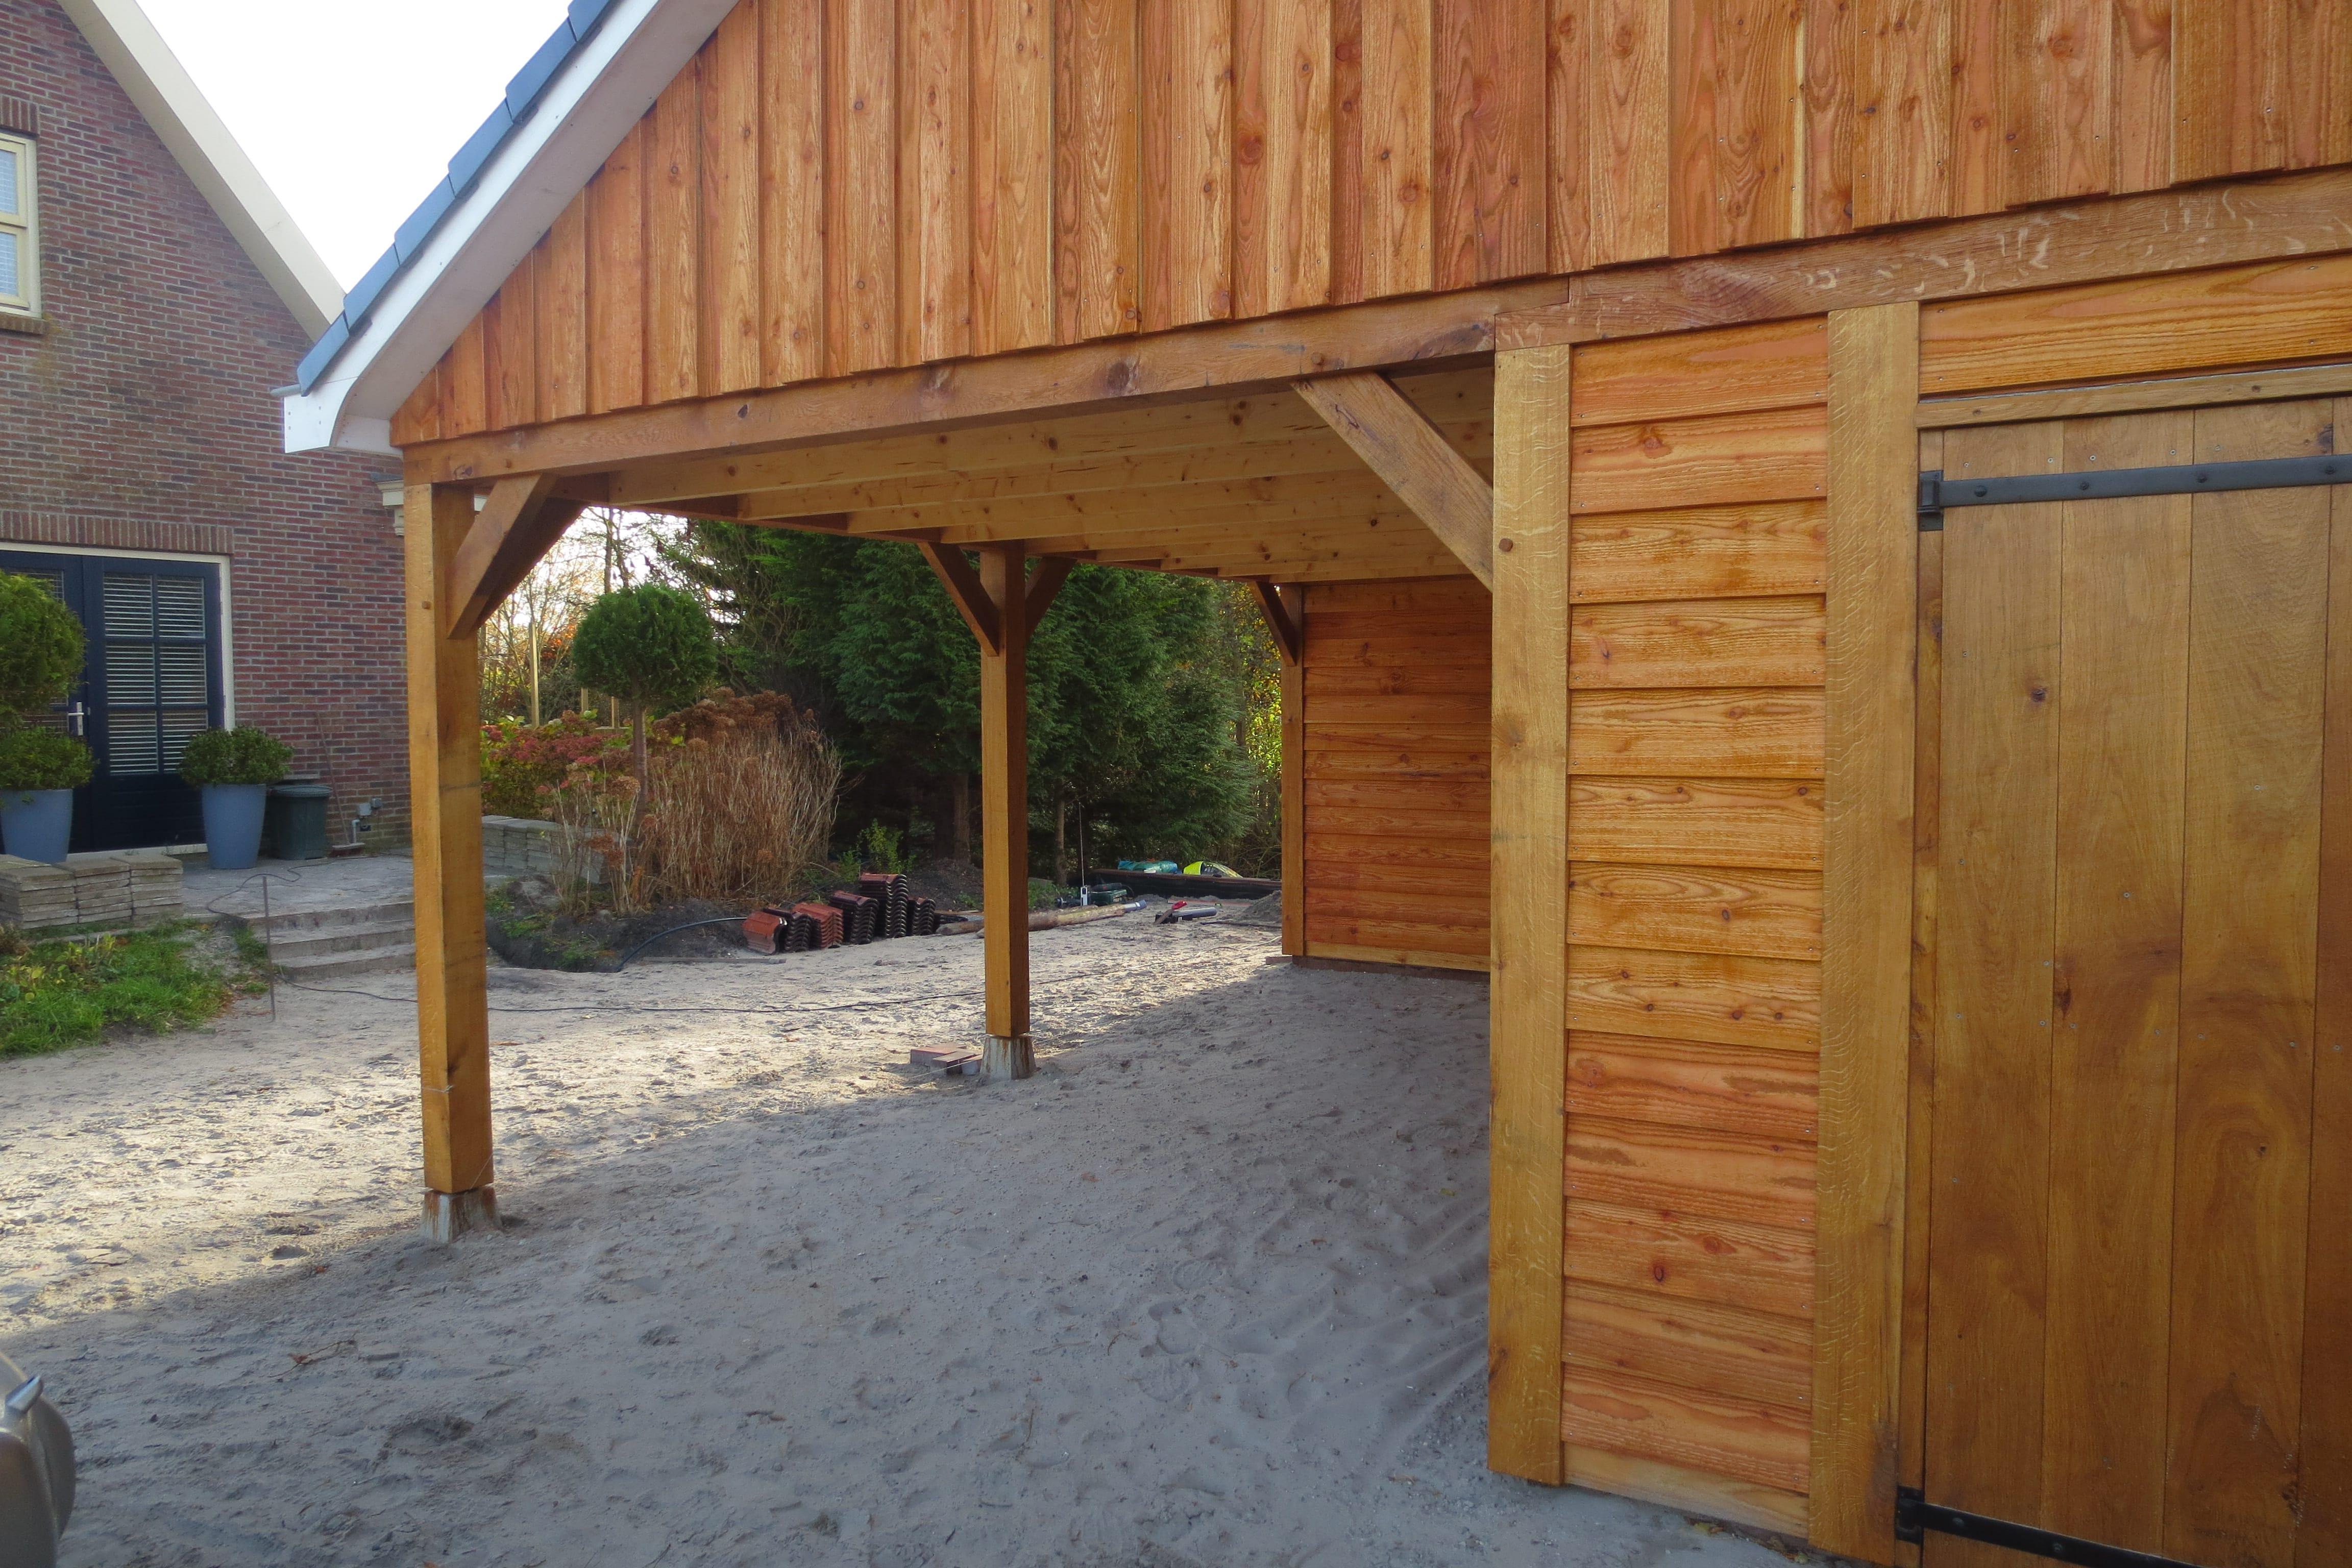 houten-garage-met-carport-2 - Project Enkhuizen: Houten garage met carport